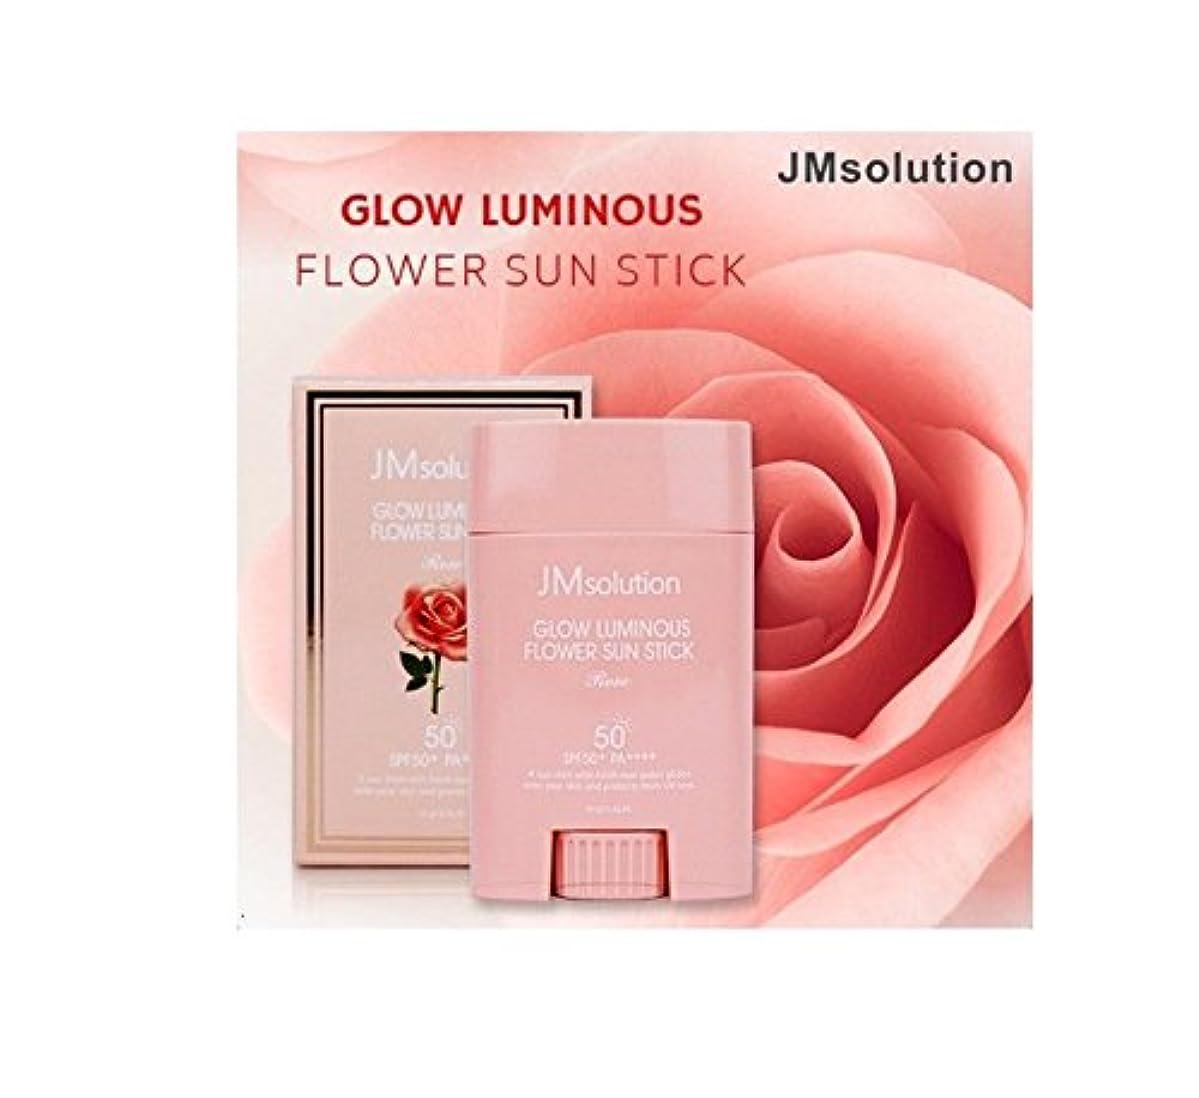 人気菊ベールJM Solution Glow Luminous Flower Sun Stick Rose 21g (spf50 PA) 光る輝く花Sun Stick Rose